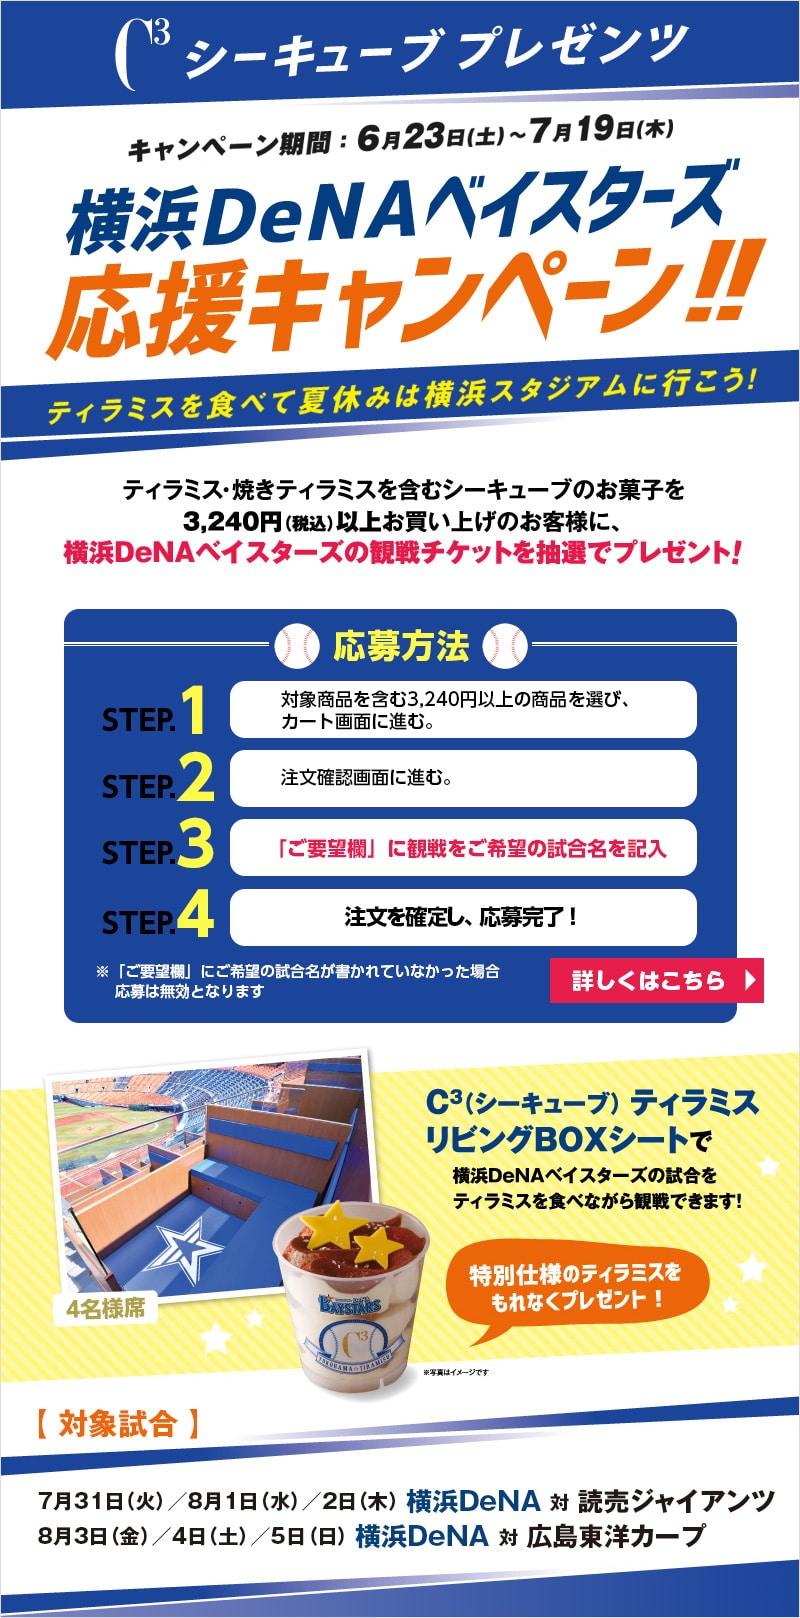 横浜DeNAベイスターズ応援キャンペーン!野球観戦チケットプレゼント